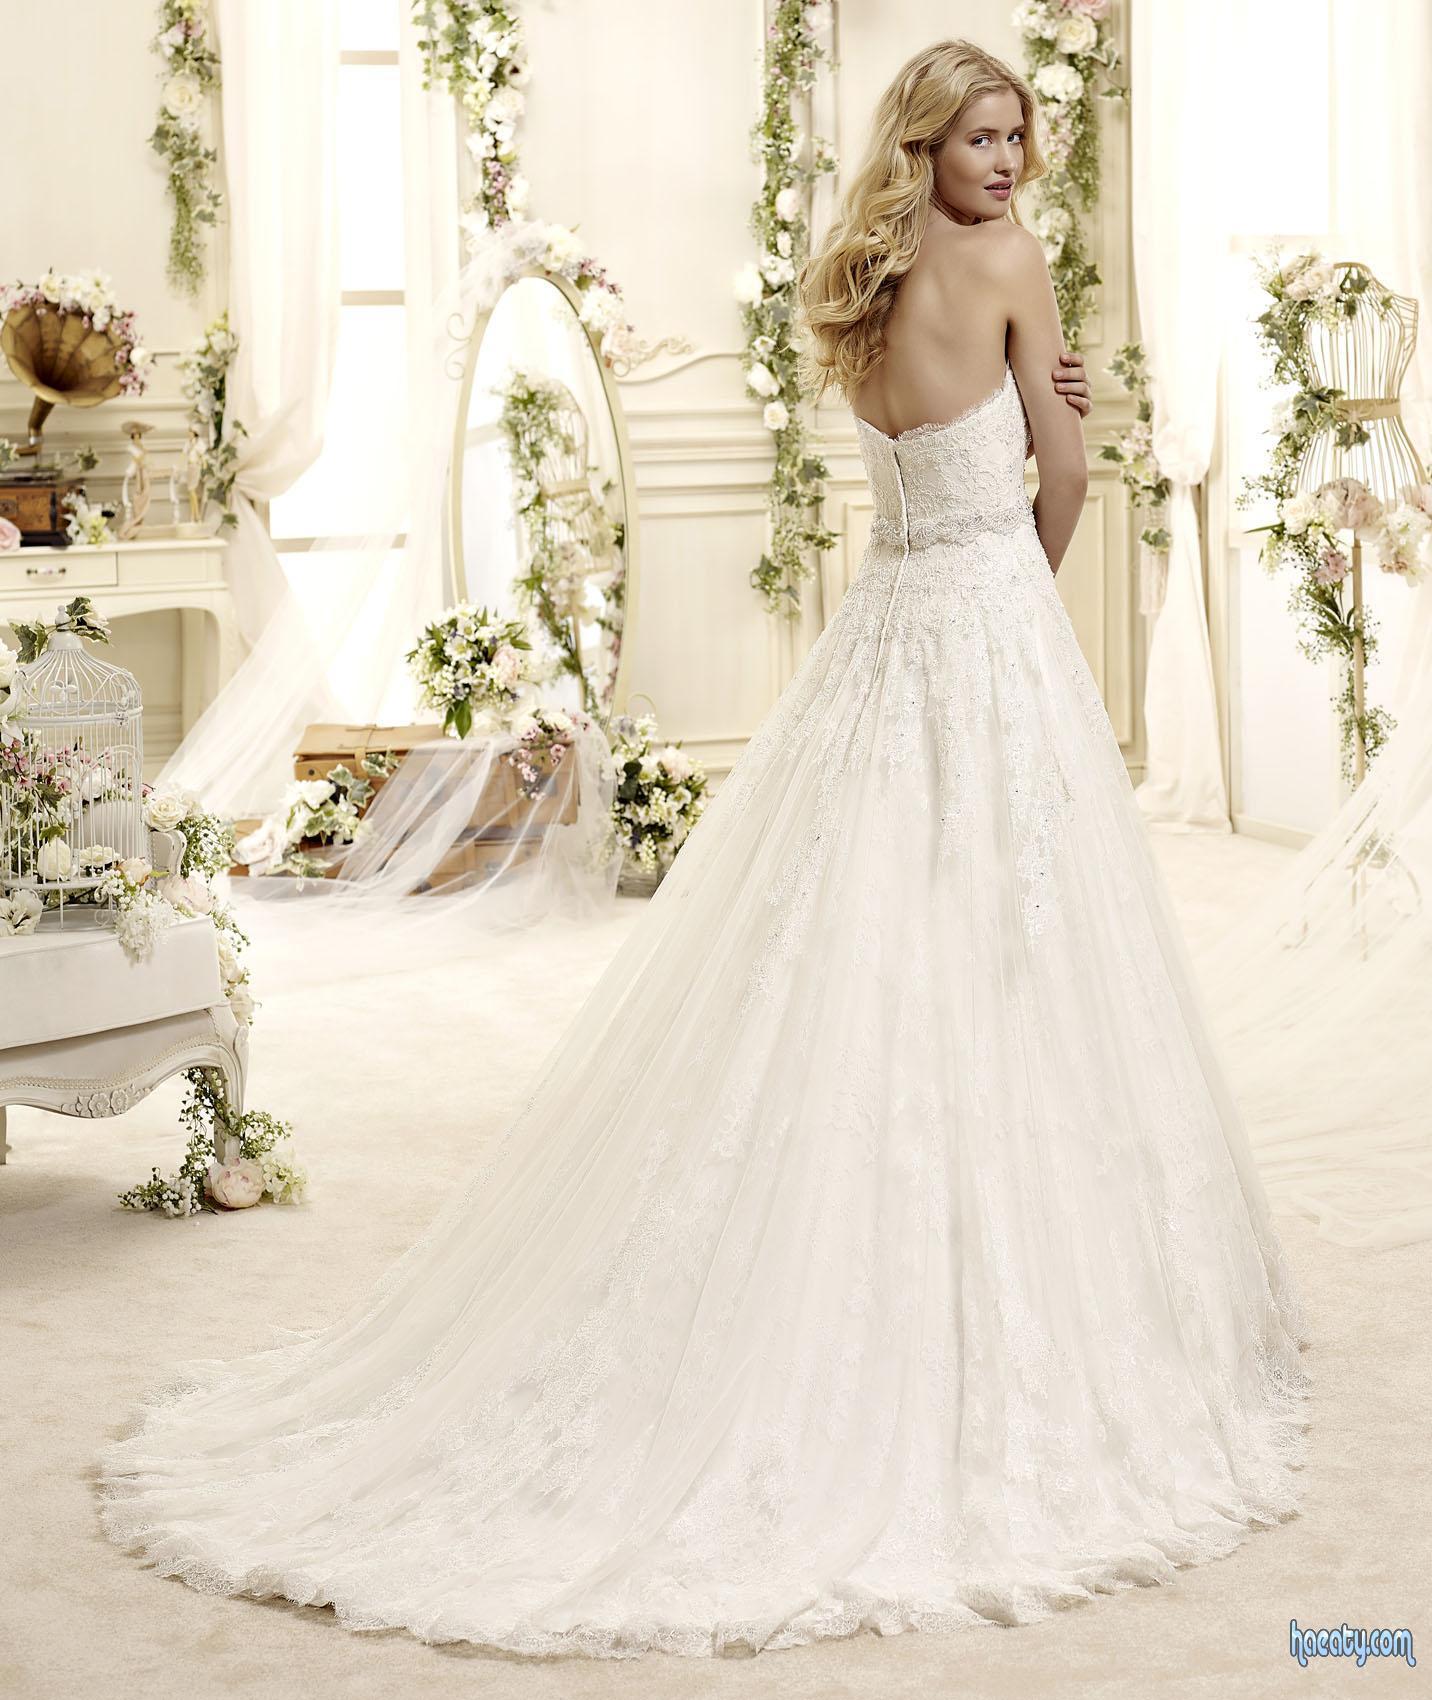 فساتين زفاف ايطاليا موضة 2015 1422356991145.jpg